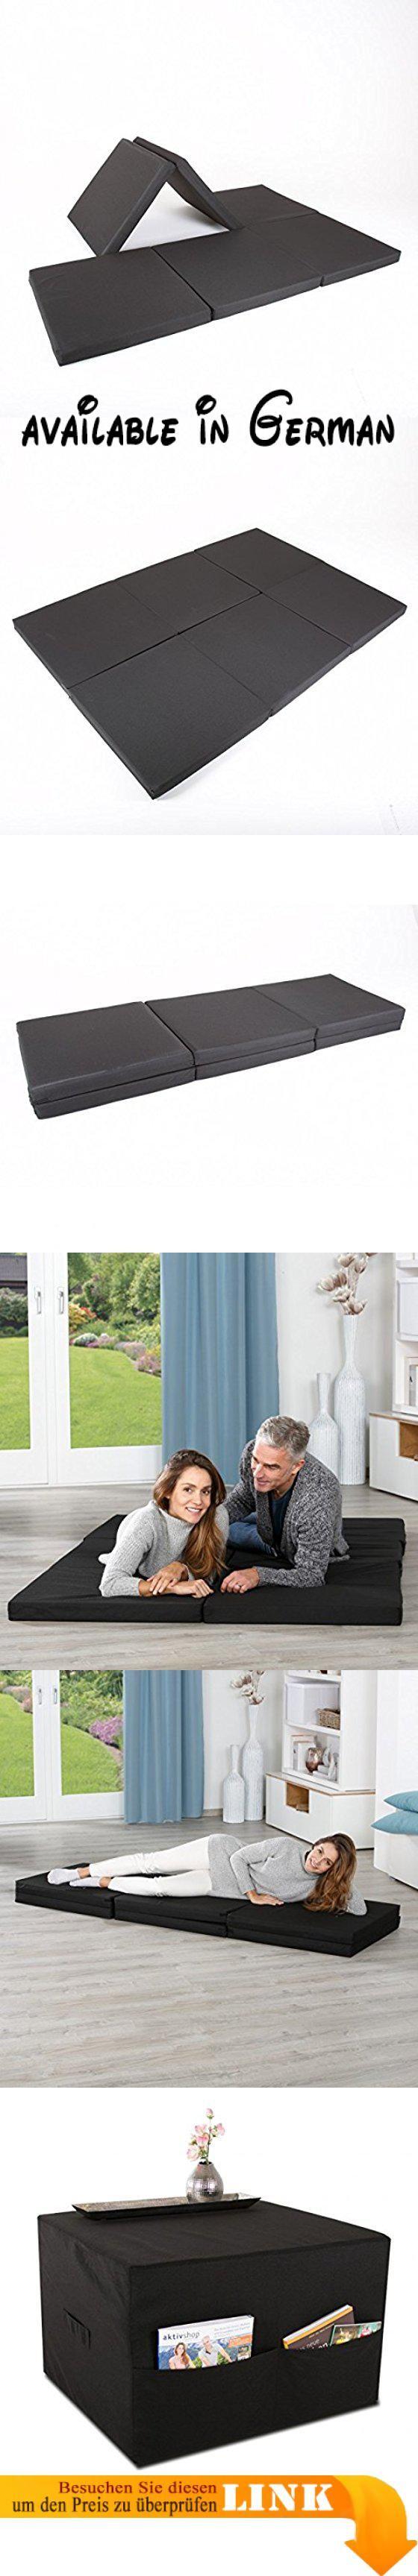 B06X9NYTY1 Doppelgästematratze 3in1 Klappmatratze Gästematratze Faltmatratze Gästebett Bequeme Schlafgelegenheit für Ihre Gäste Als